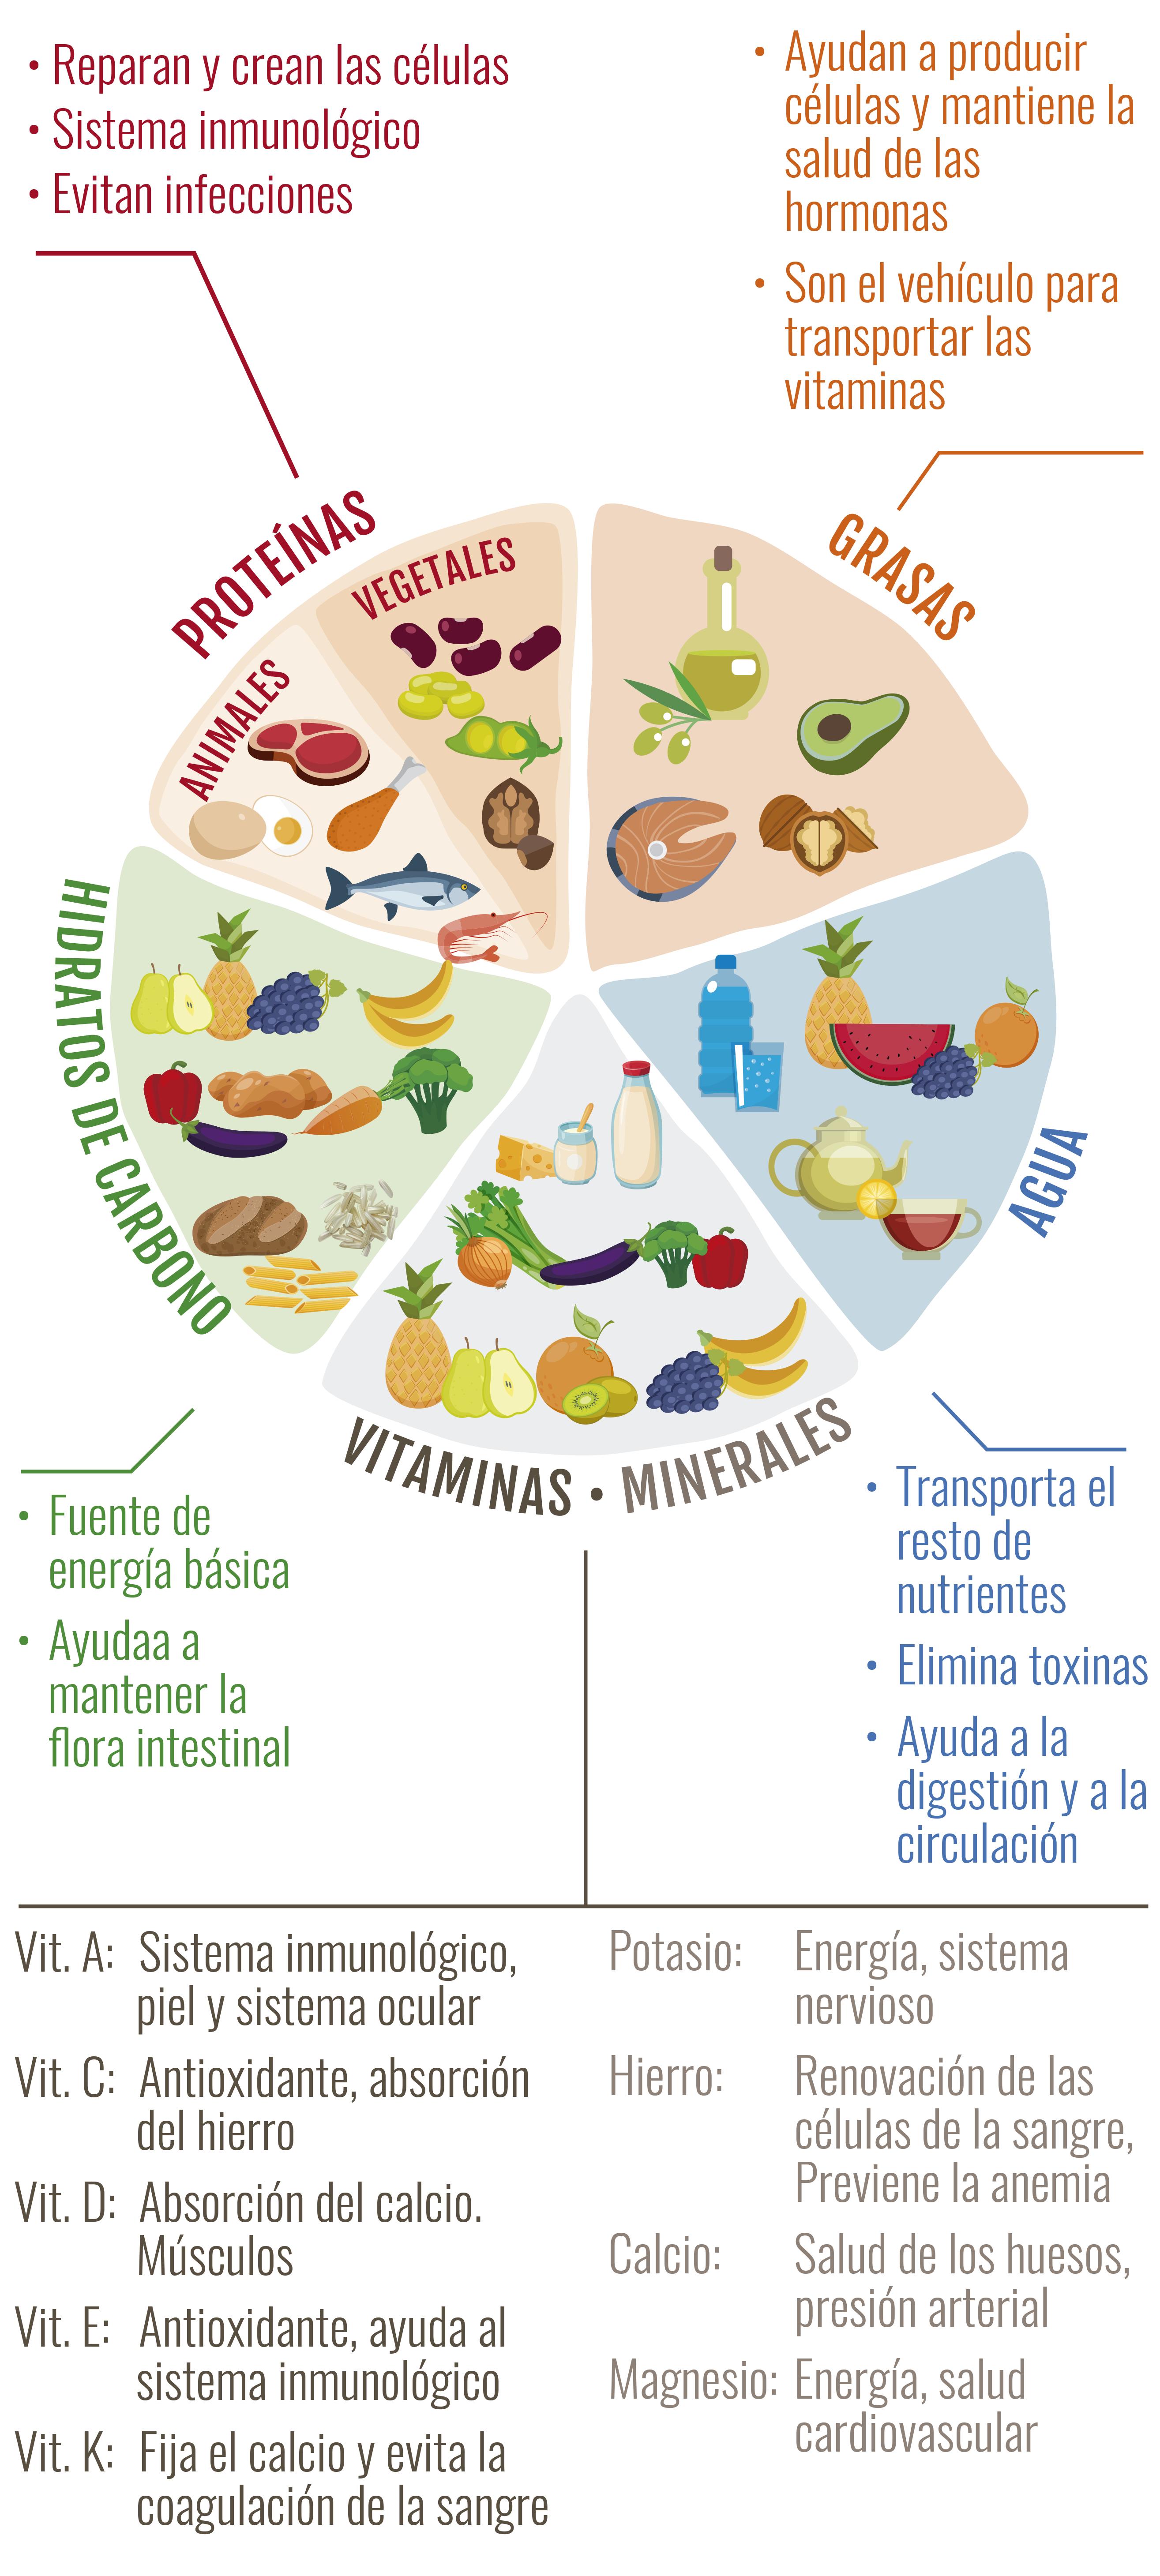 GRAFICO NUTRIENTES ES